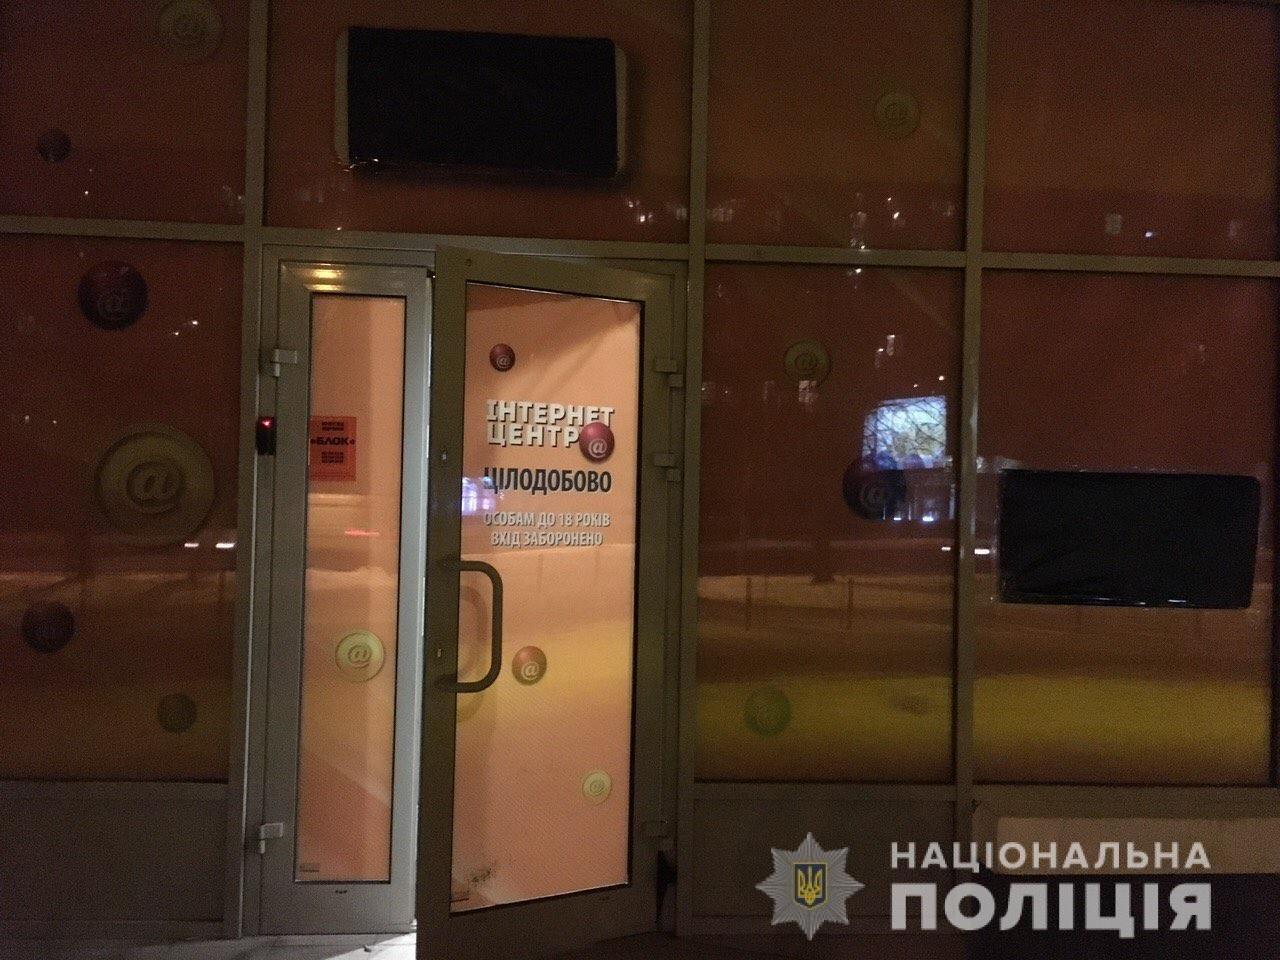 Криворожанина, открывшего подпольные казино во Львове, приговорили к 5 годам лишения свободы , фото-2